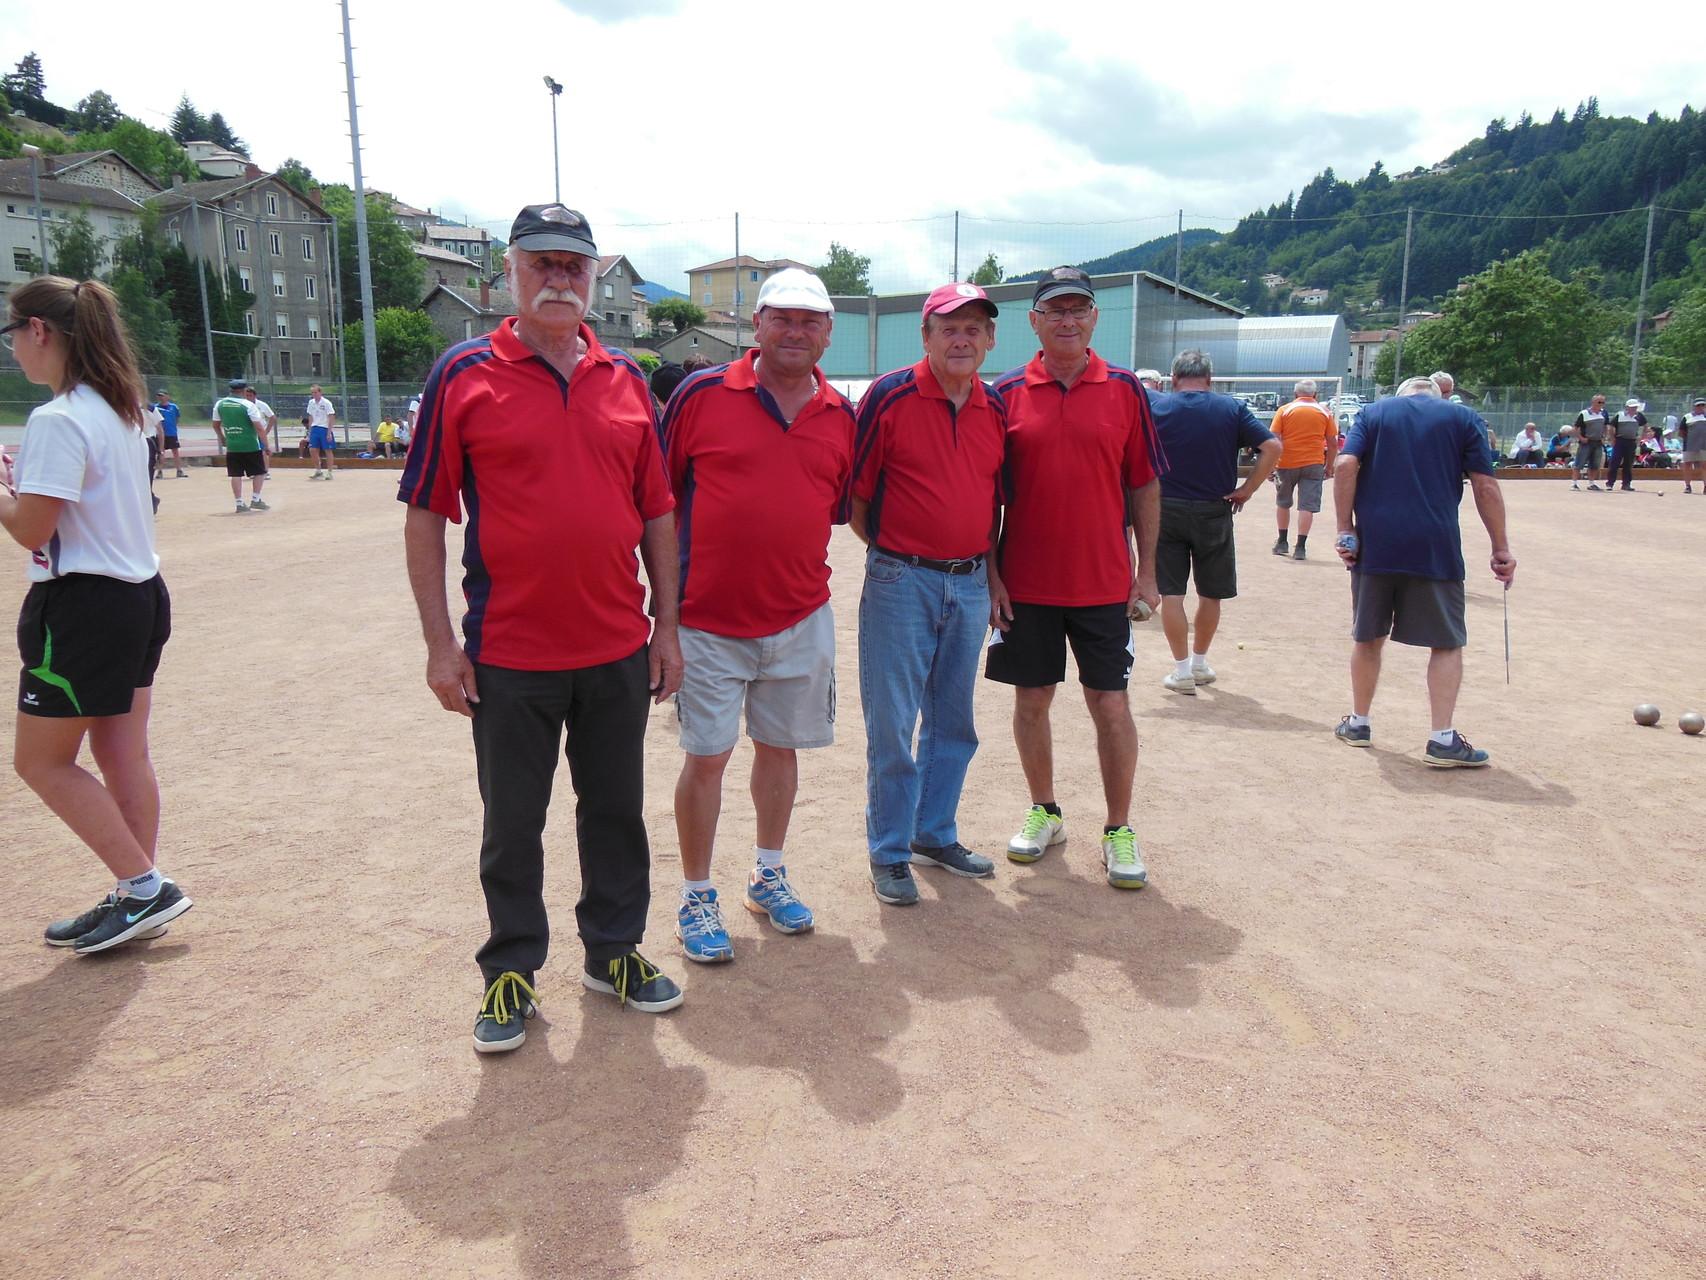 Equipe Faure Charmes Sous-championne de l'Ardèche